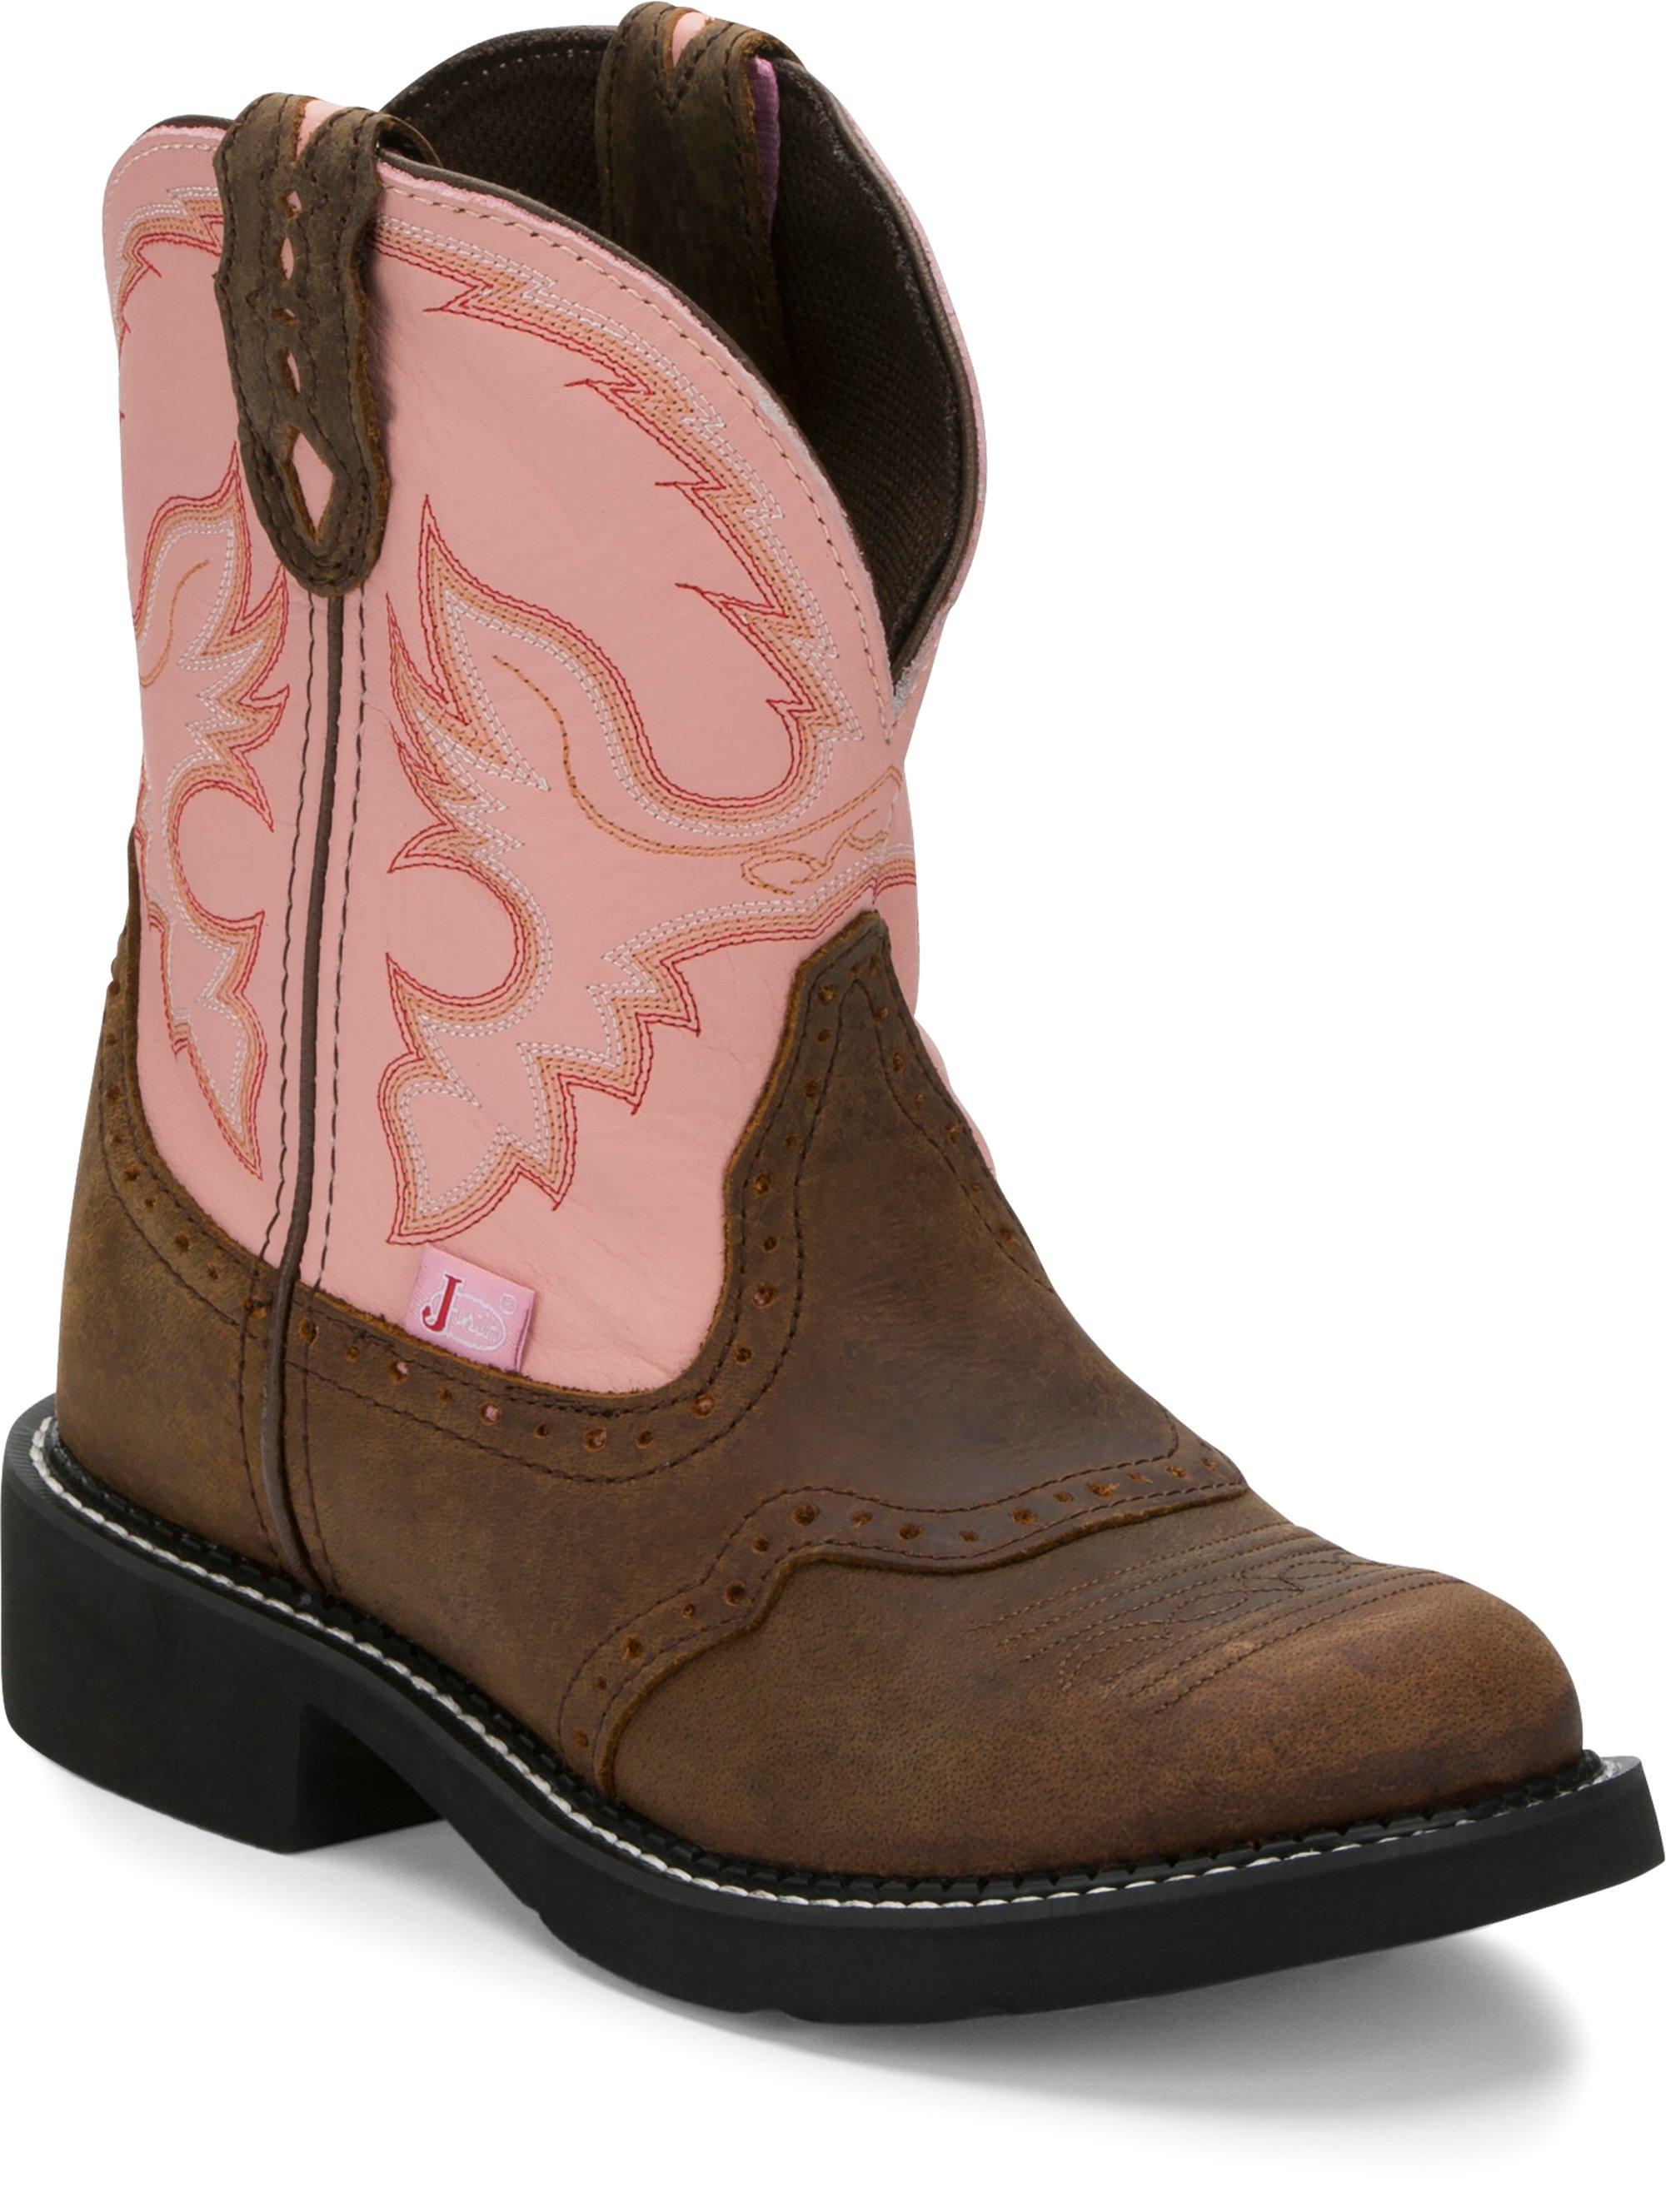 d7460b91496 JUSTIN BOOTS #L9901 GEMMA PINK